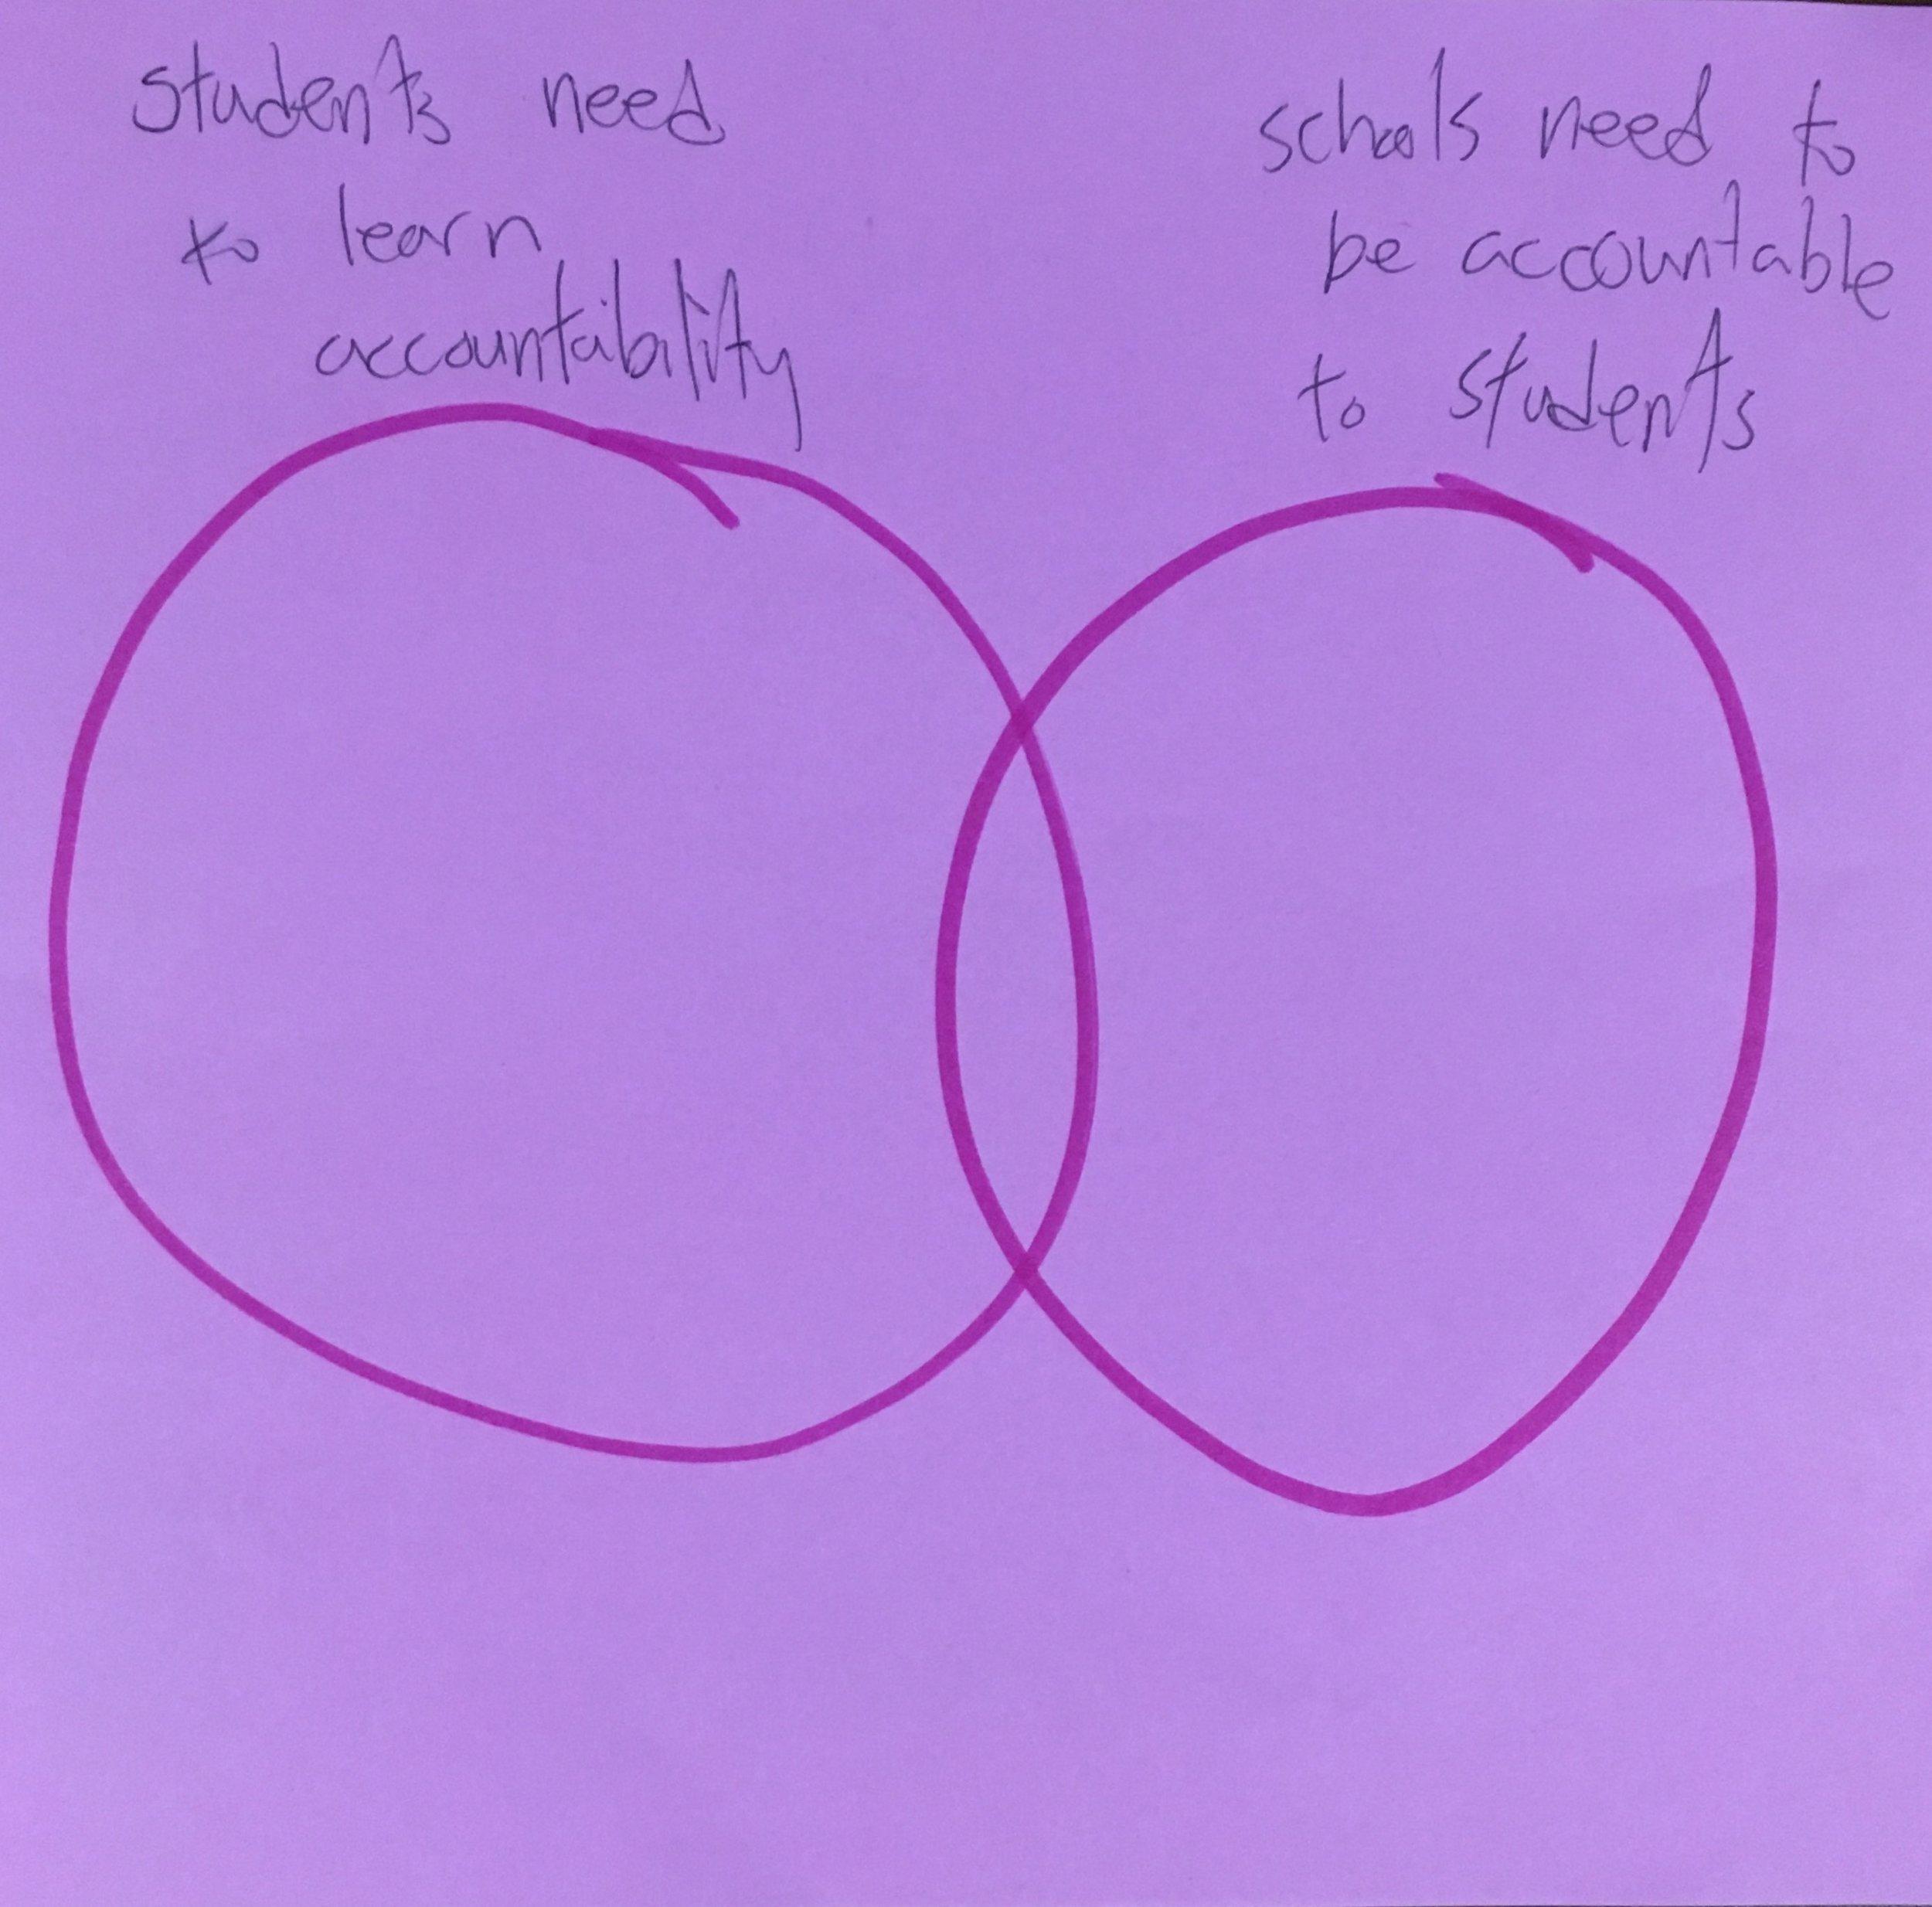 7 - accountability-schools.jpg